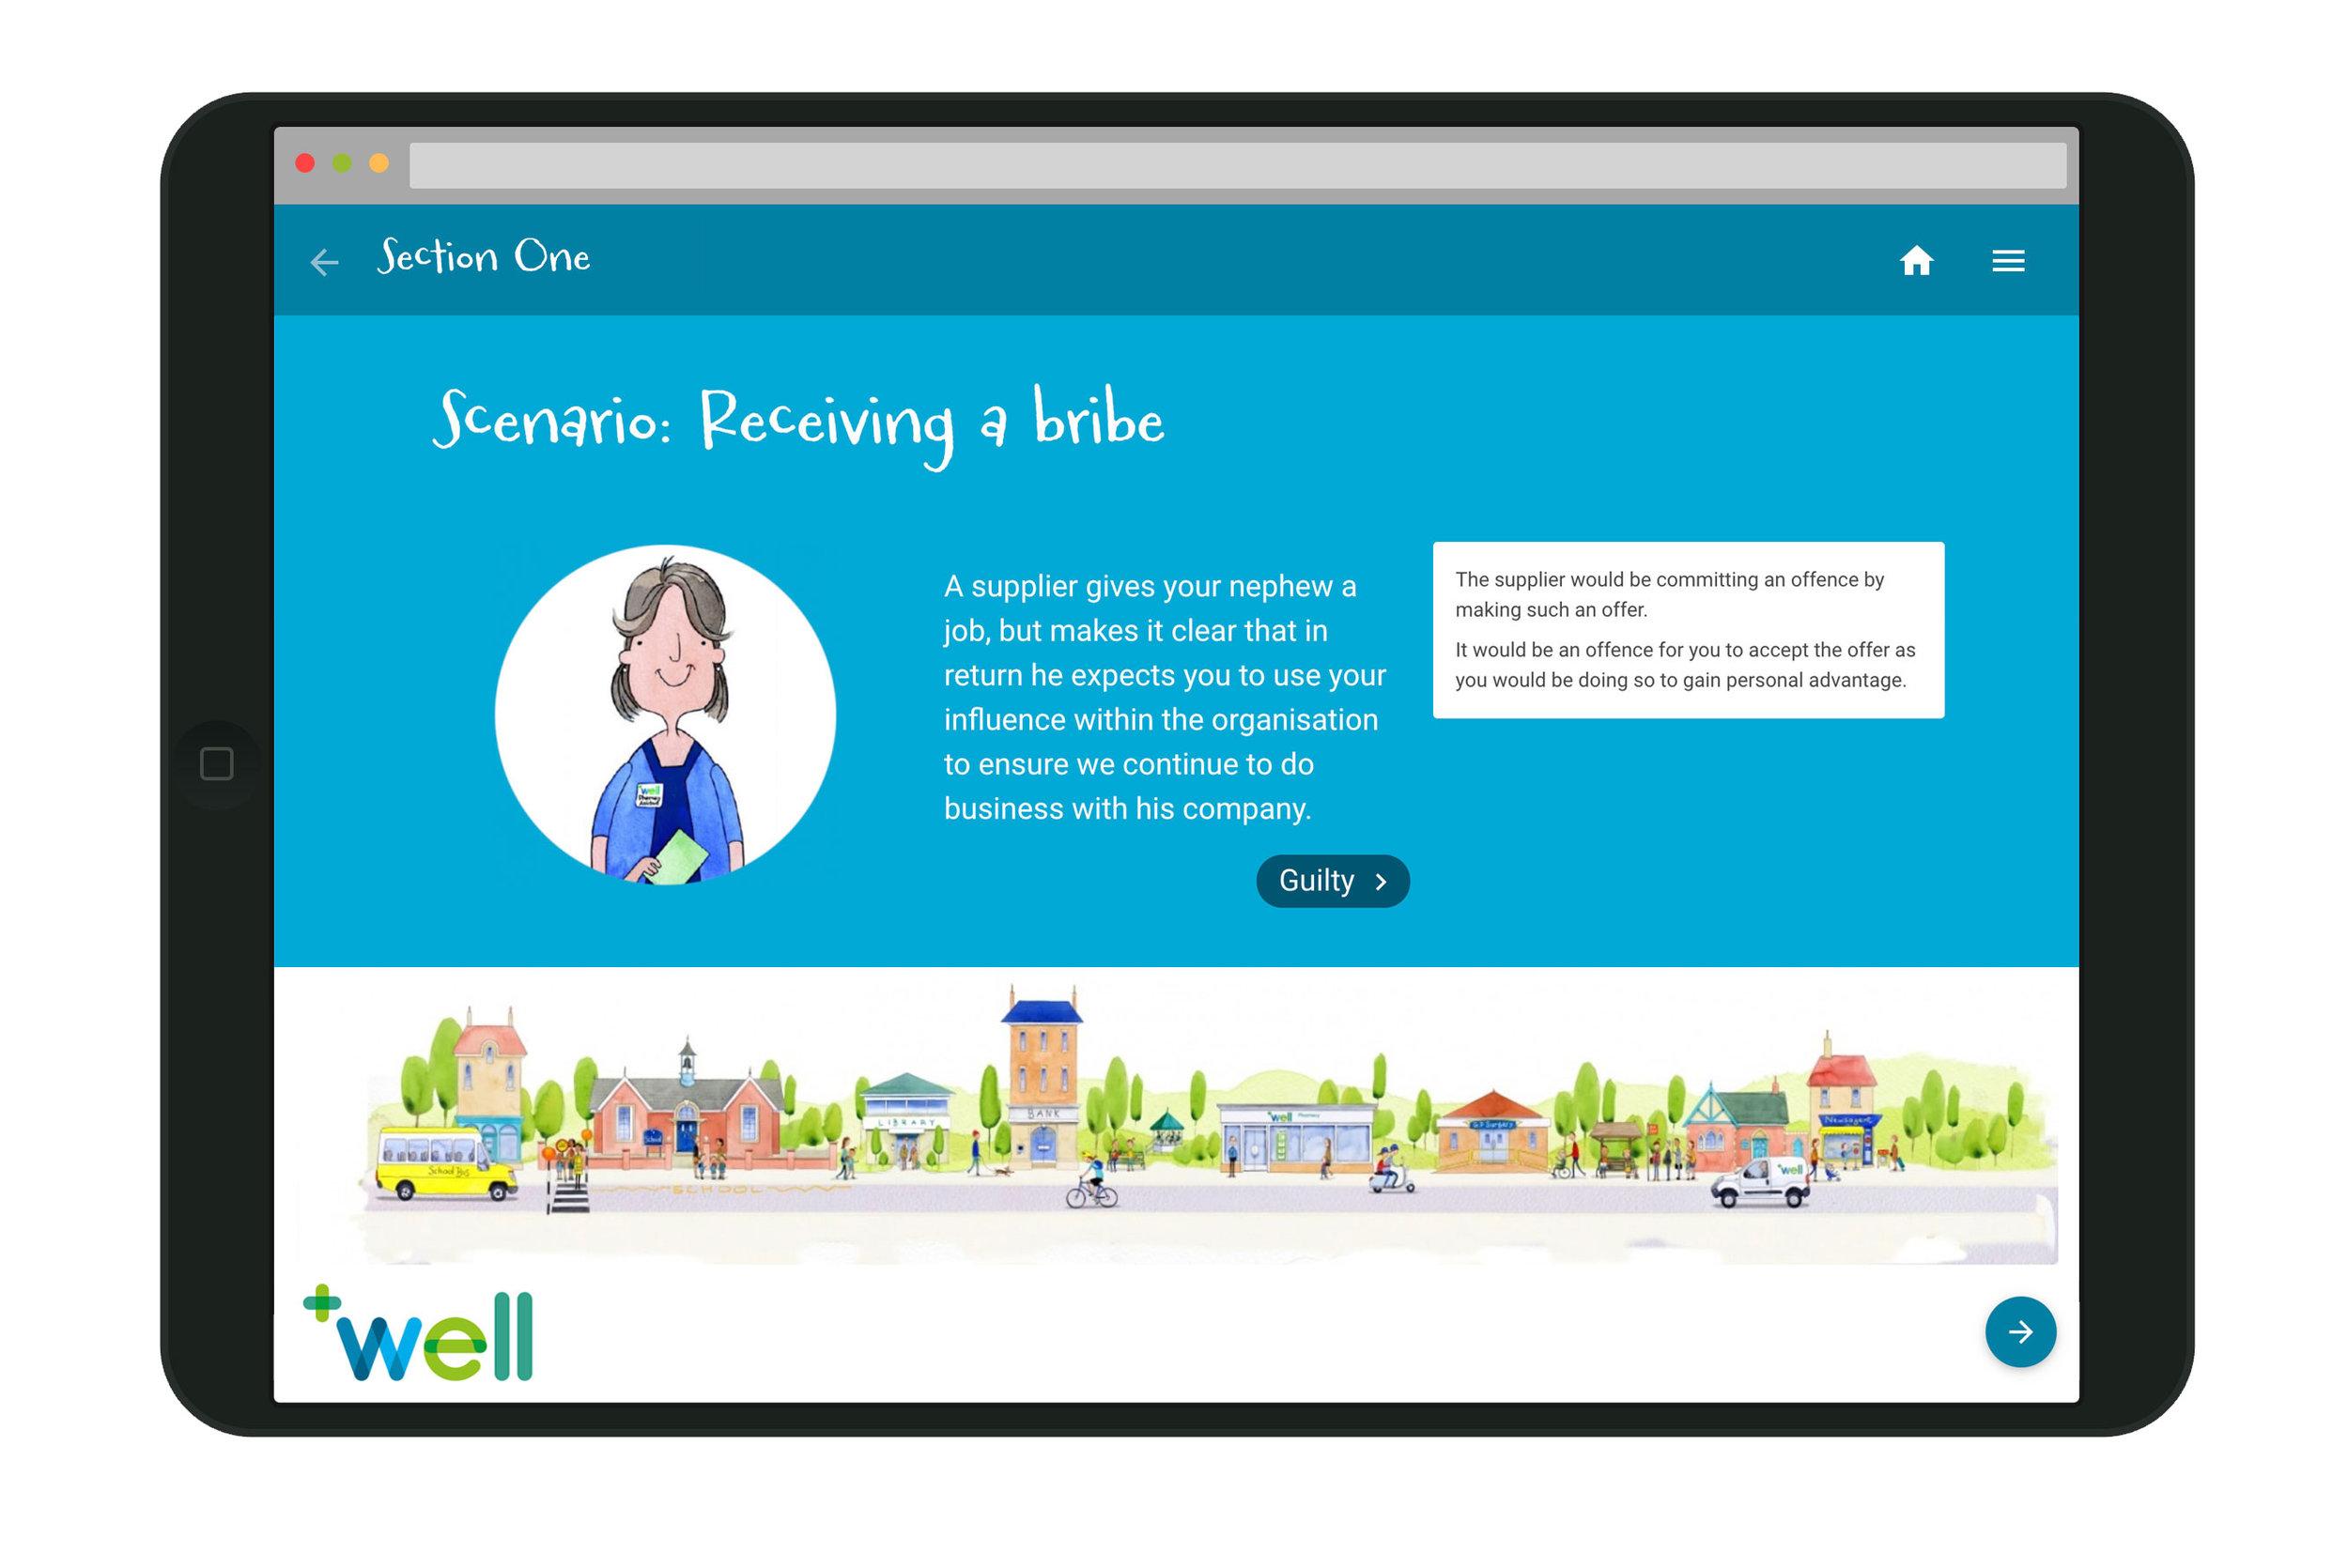 ipad-well-screen-3.jpg